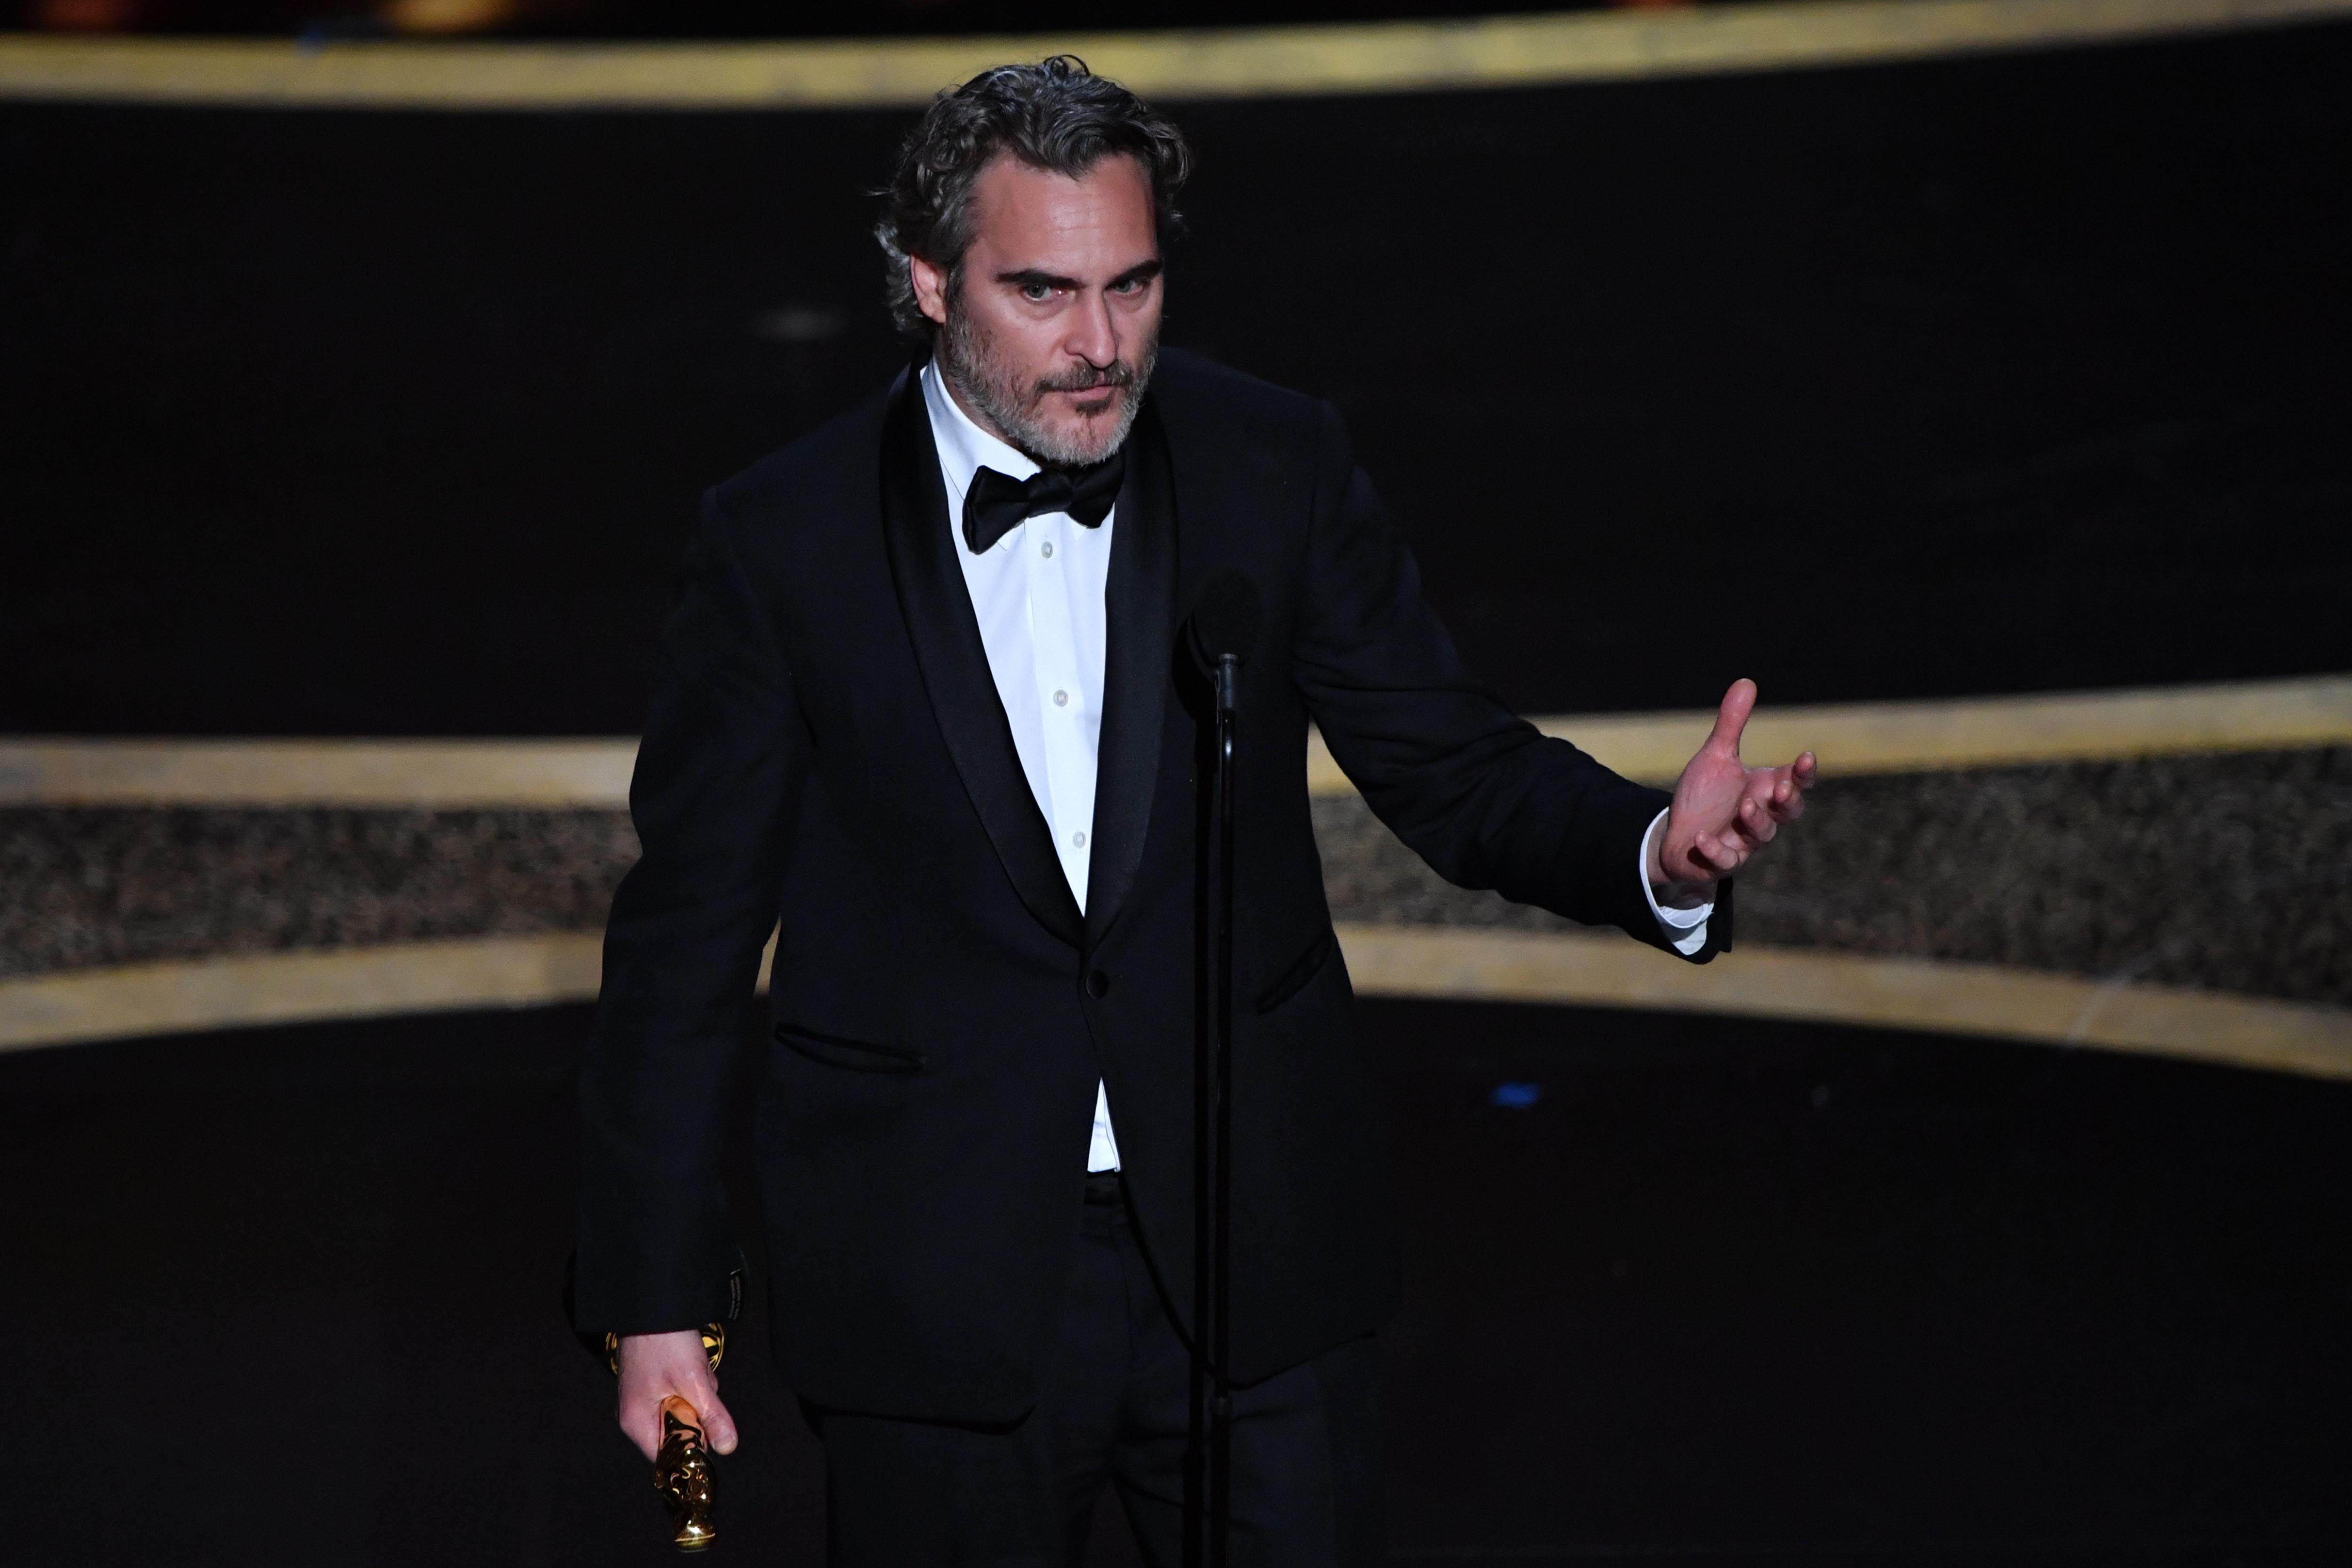 Joaquin Phoenix Oscart nyert, majd egy szenvedélyes beszédet mondott az állatok jogairól